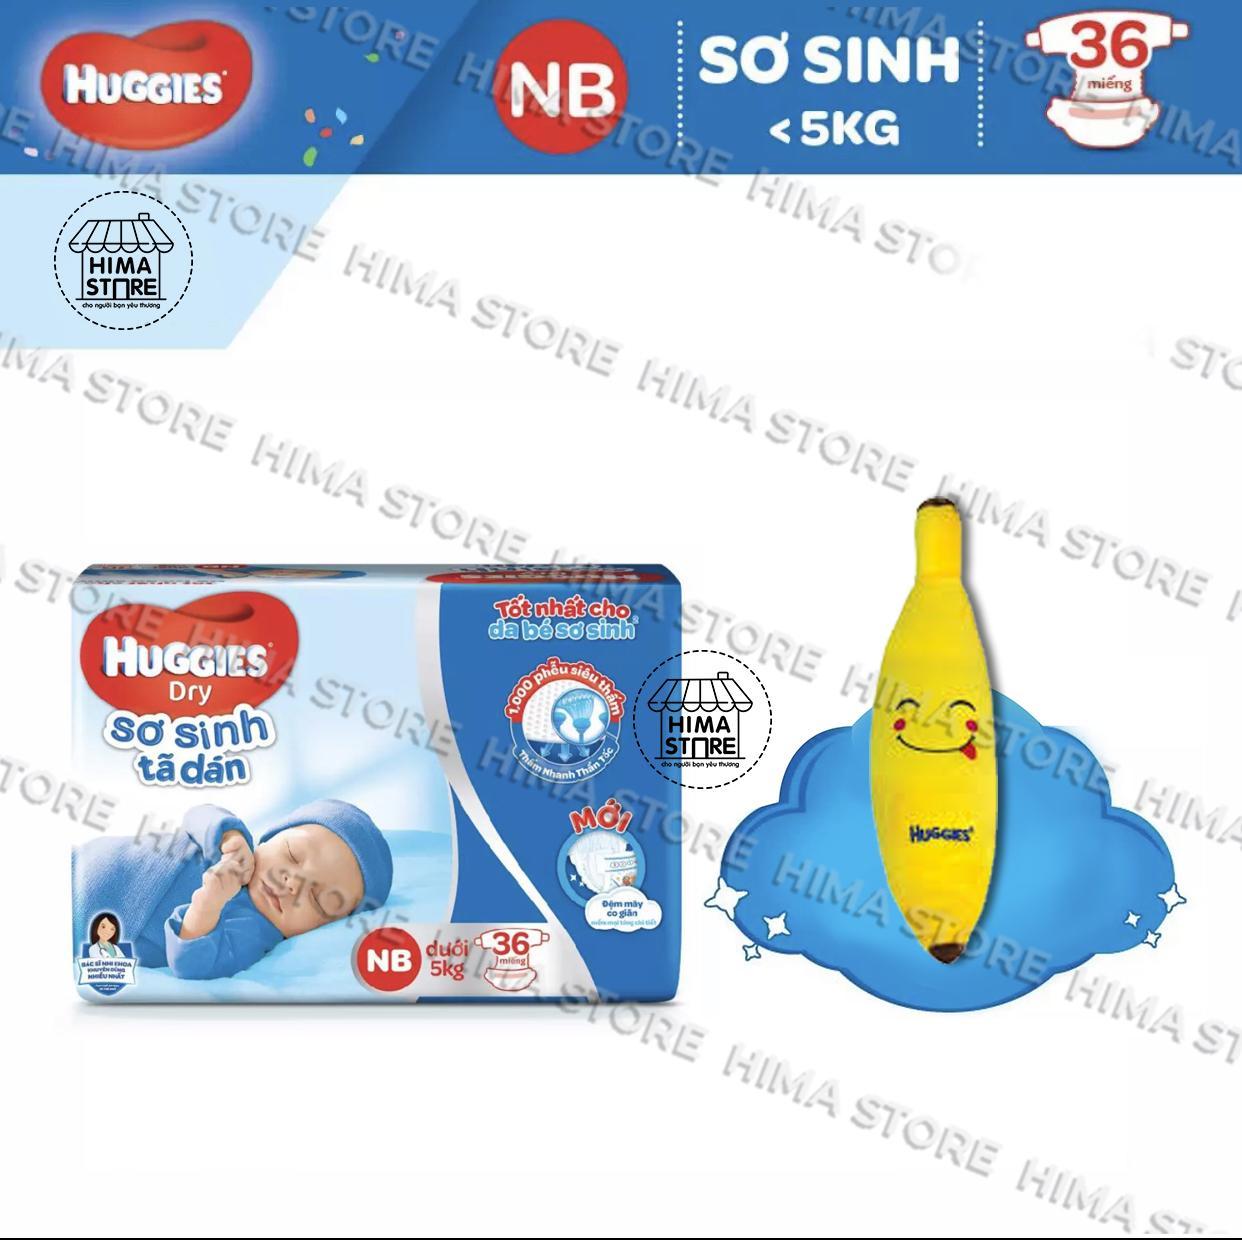 [Tặng gối hoa quả dễ thương] Tã Dán Sơ Sinh Huggies Dry Newborn NB36 (36 Miếng)-Mẫu mới (Cho bé dưới 5kg)